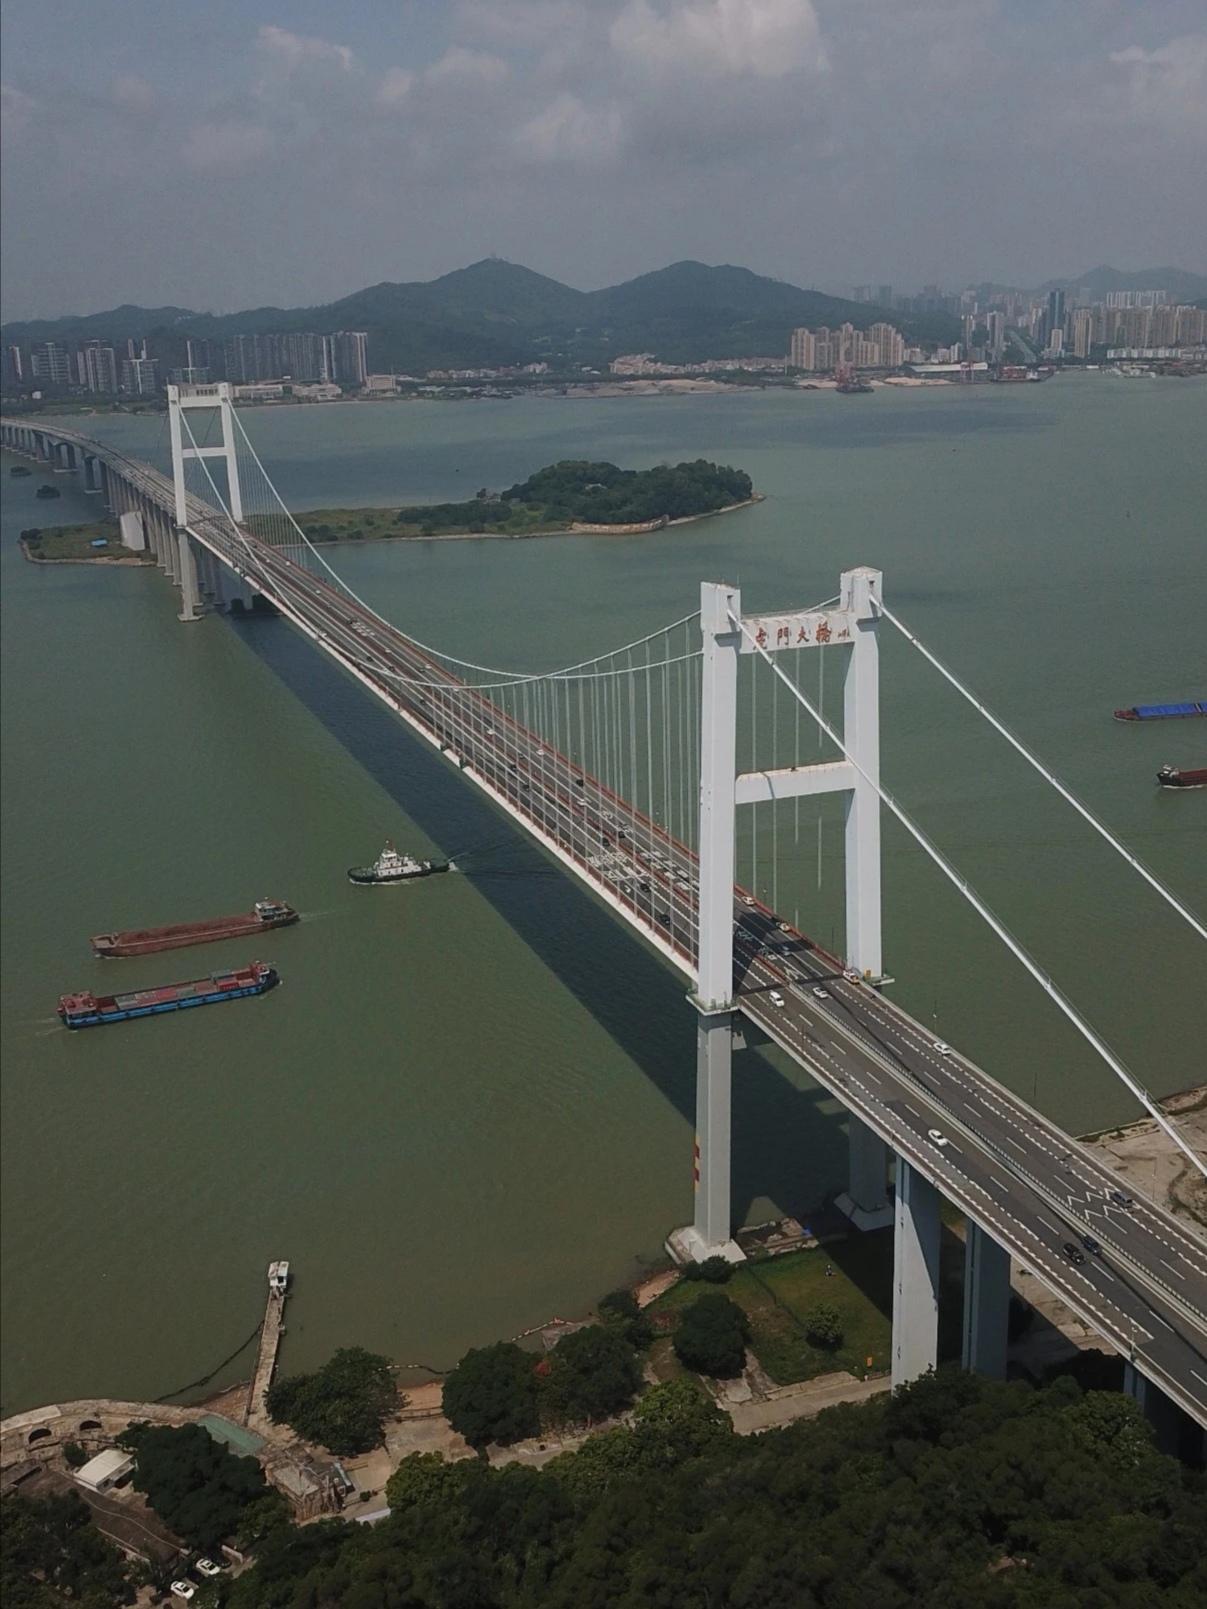 高德注册验虎门大桥恢复交通专家高德注册图片